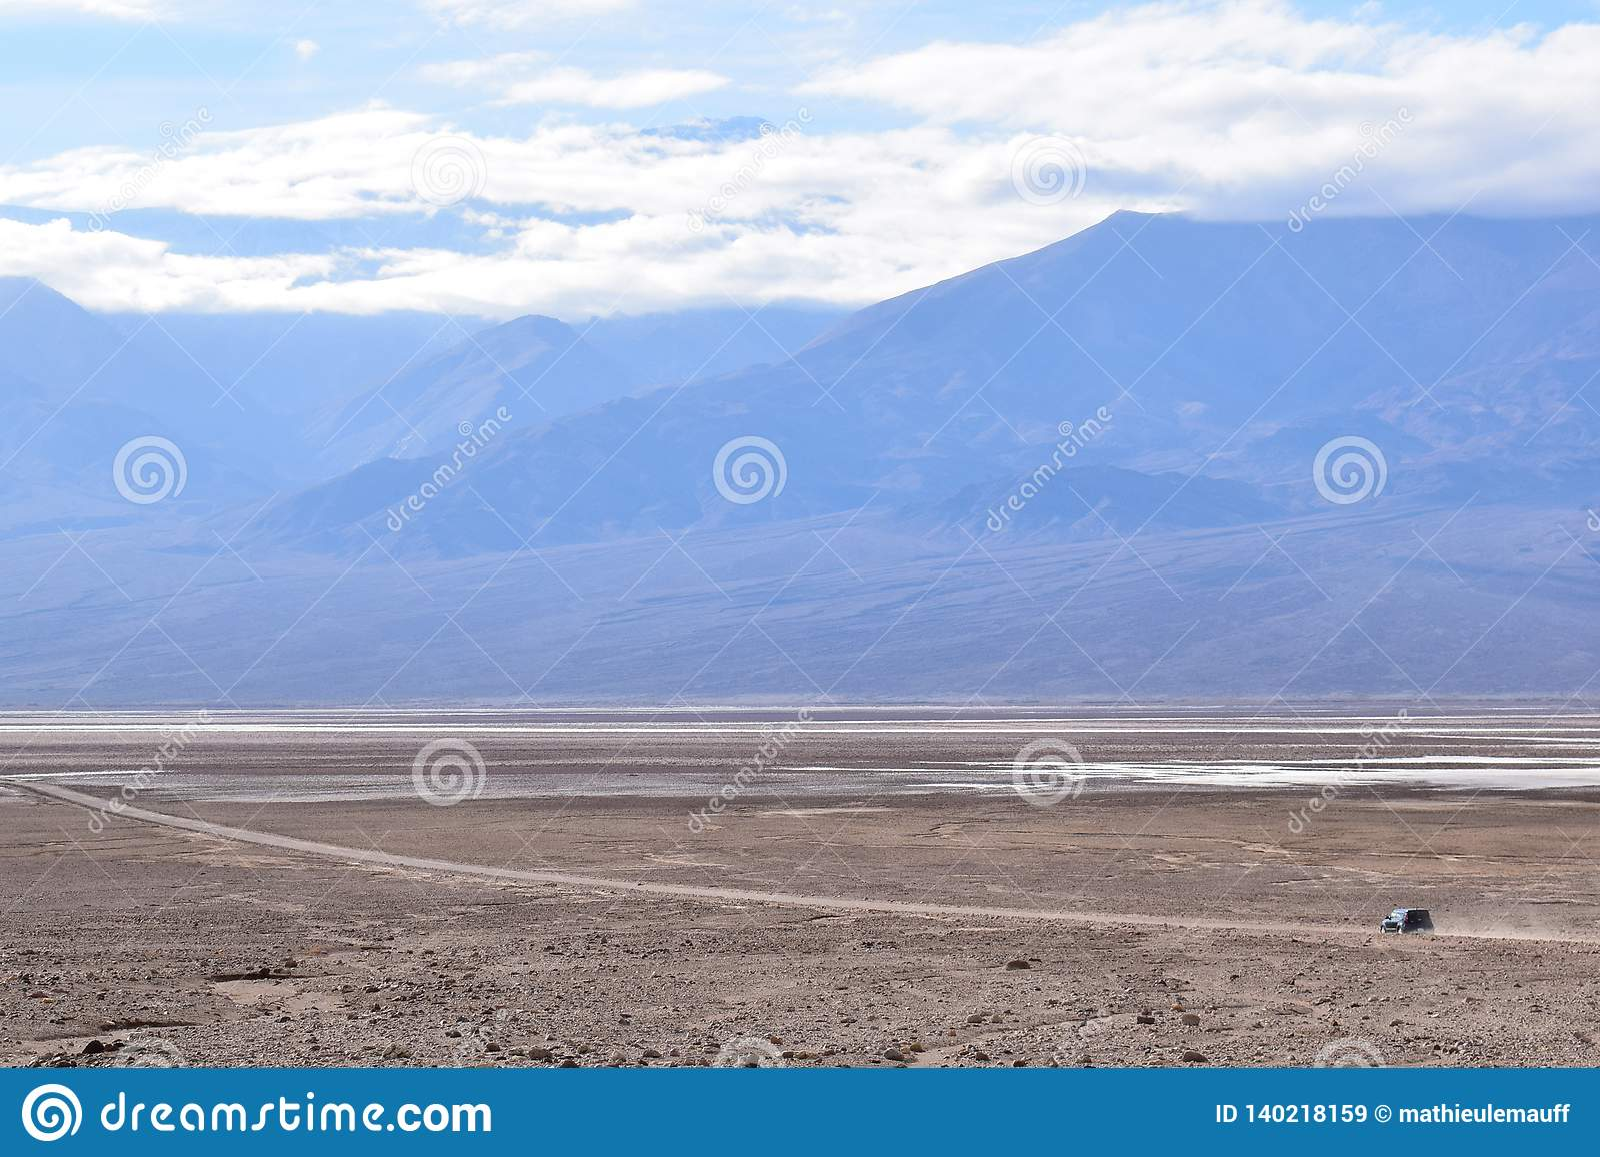 单独车辆驾驶在死亡谷